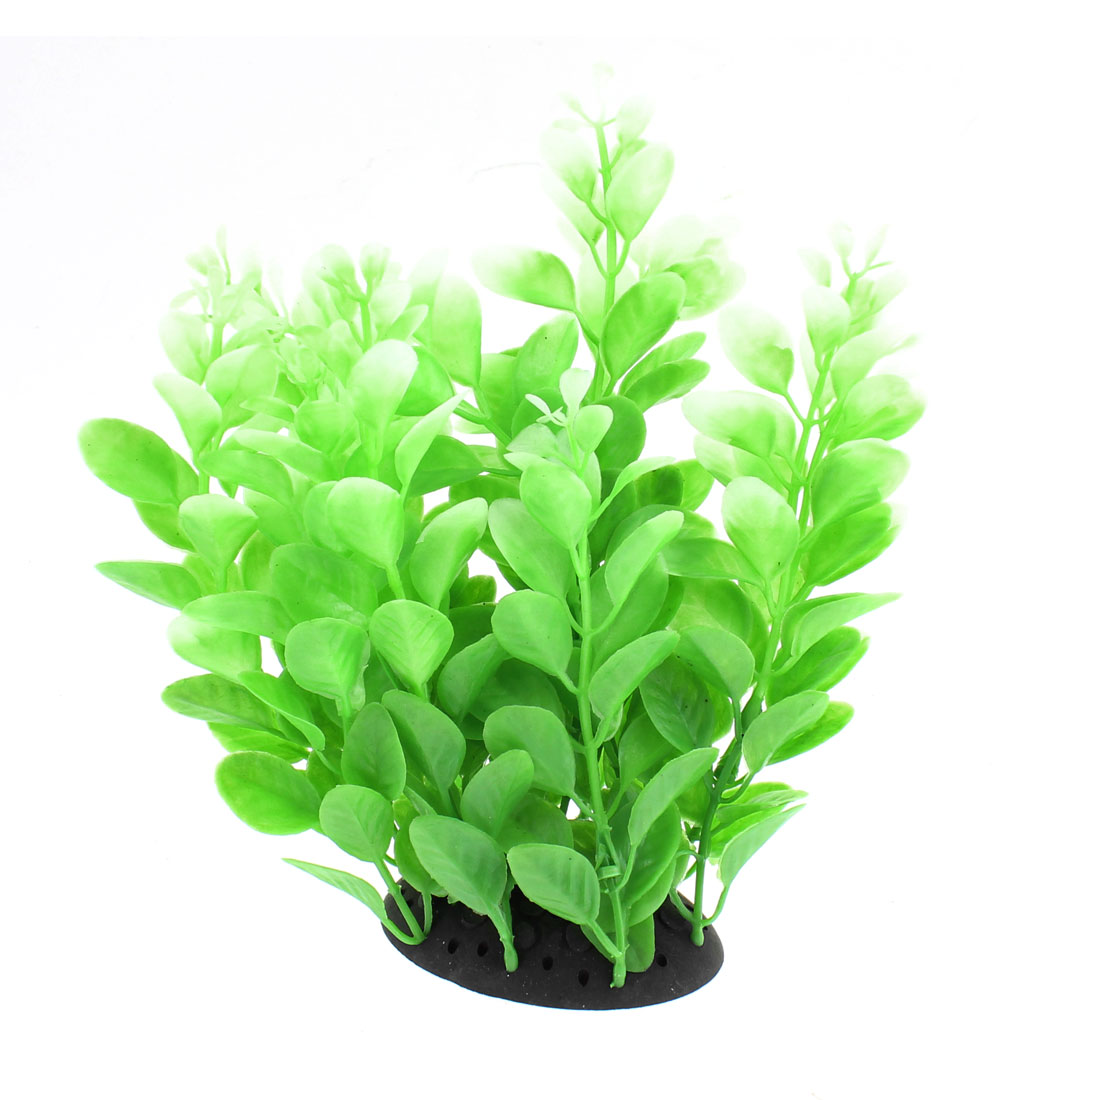 Aquarium Plastic Artificial Underwater Plant Decor Green